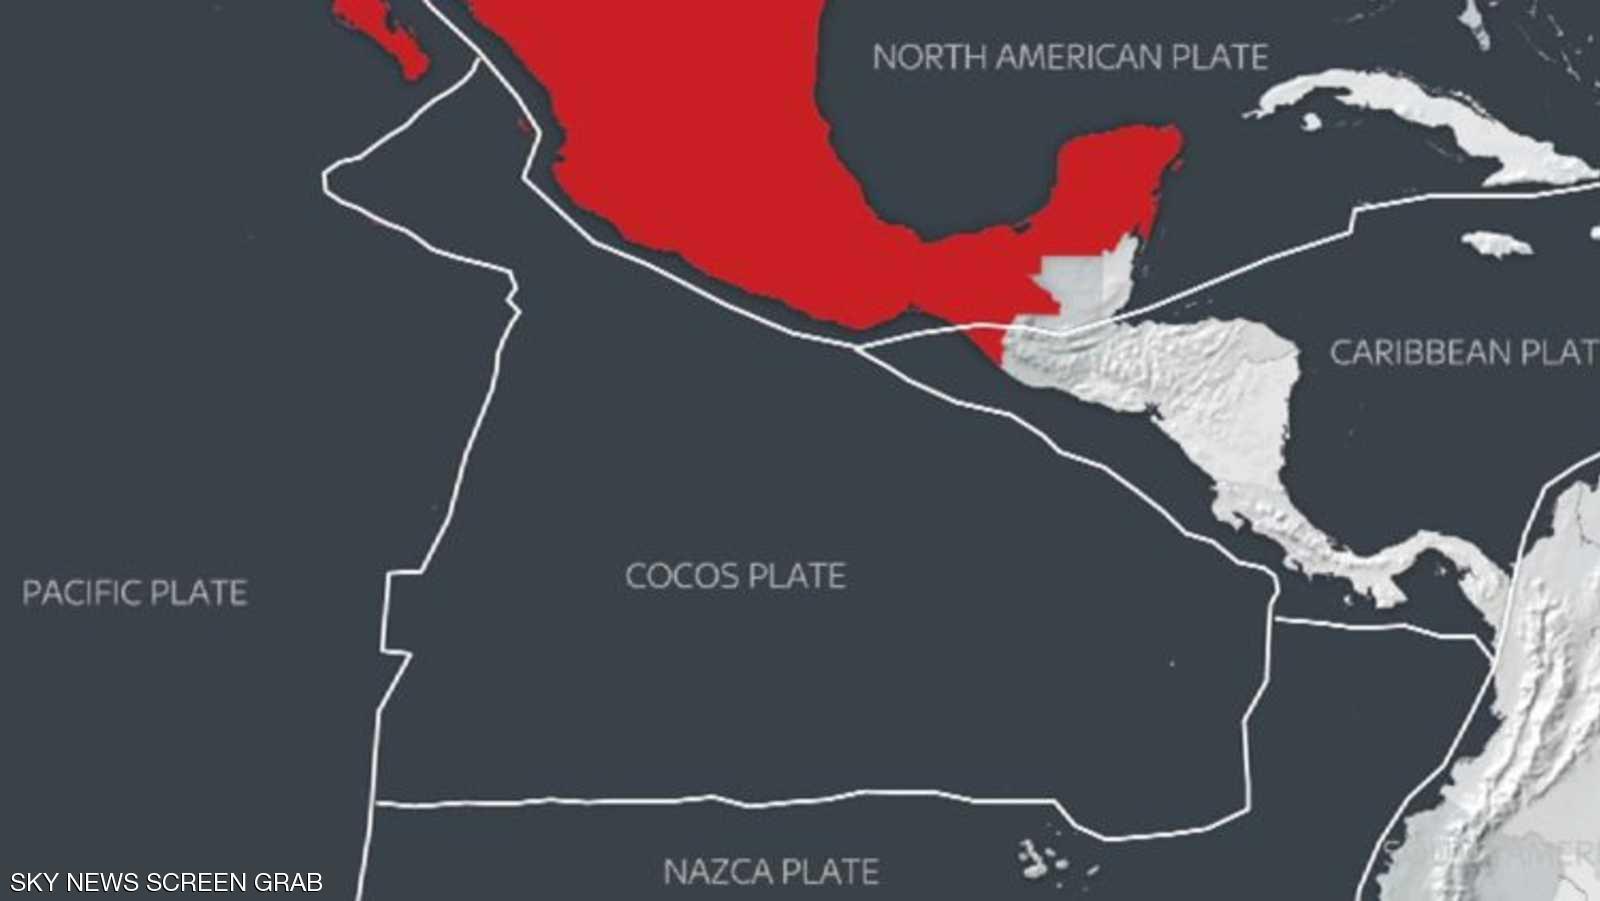 العلم يفسر.. لماذا تتعرض المكسيك لهذه الزلازل المدمرة؟